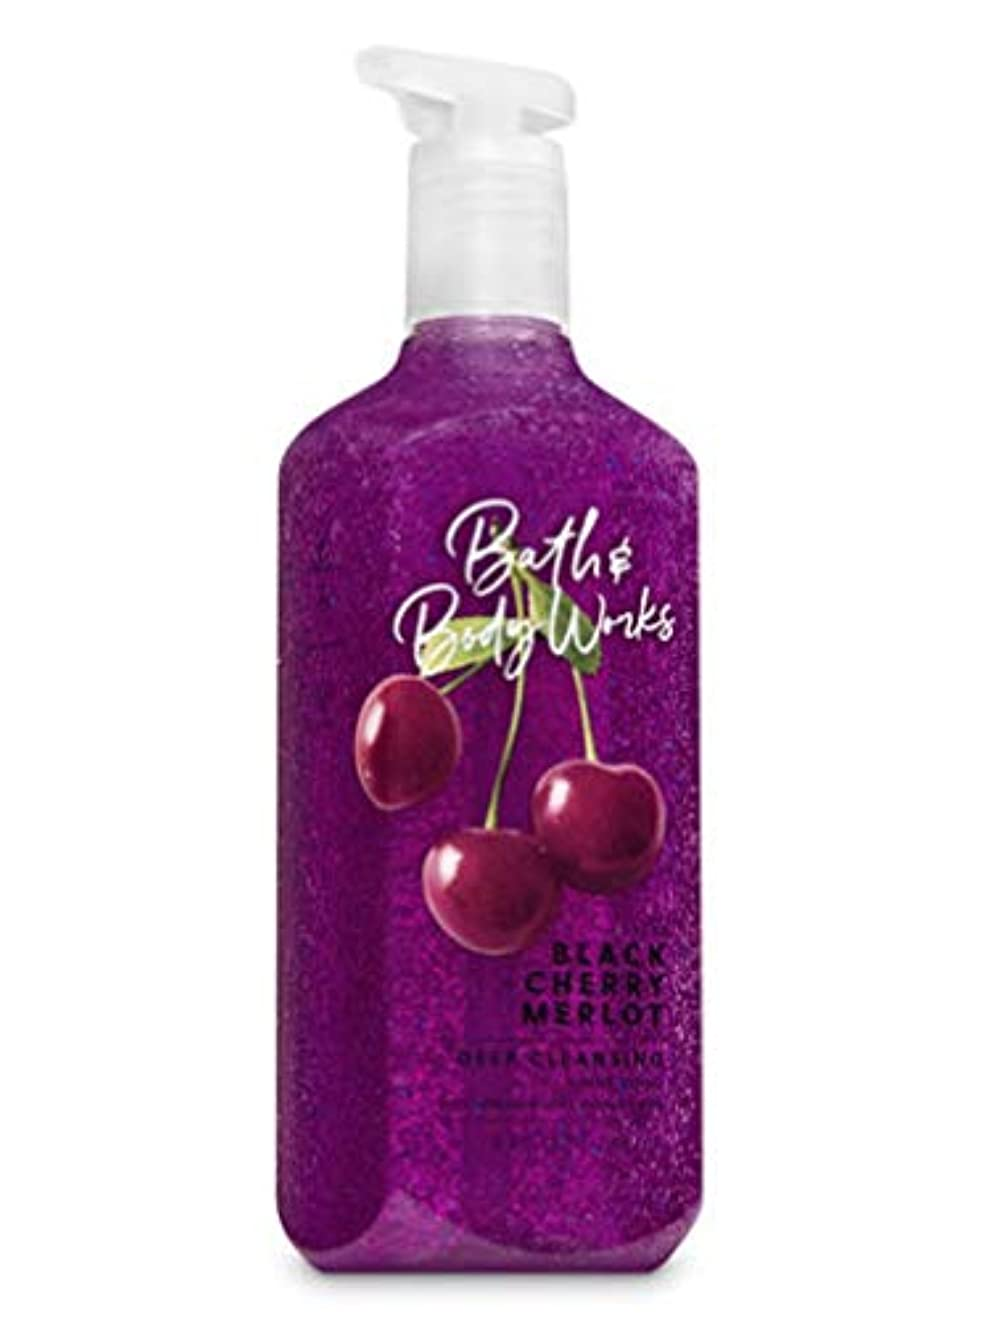 公使館仕出します不可能なバス&ボディワークス ブラックチェリー マーロット ディープクレンジングハンドソープ Black Cherry Merlot Deep Cleansing Hand Soap